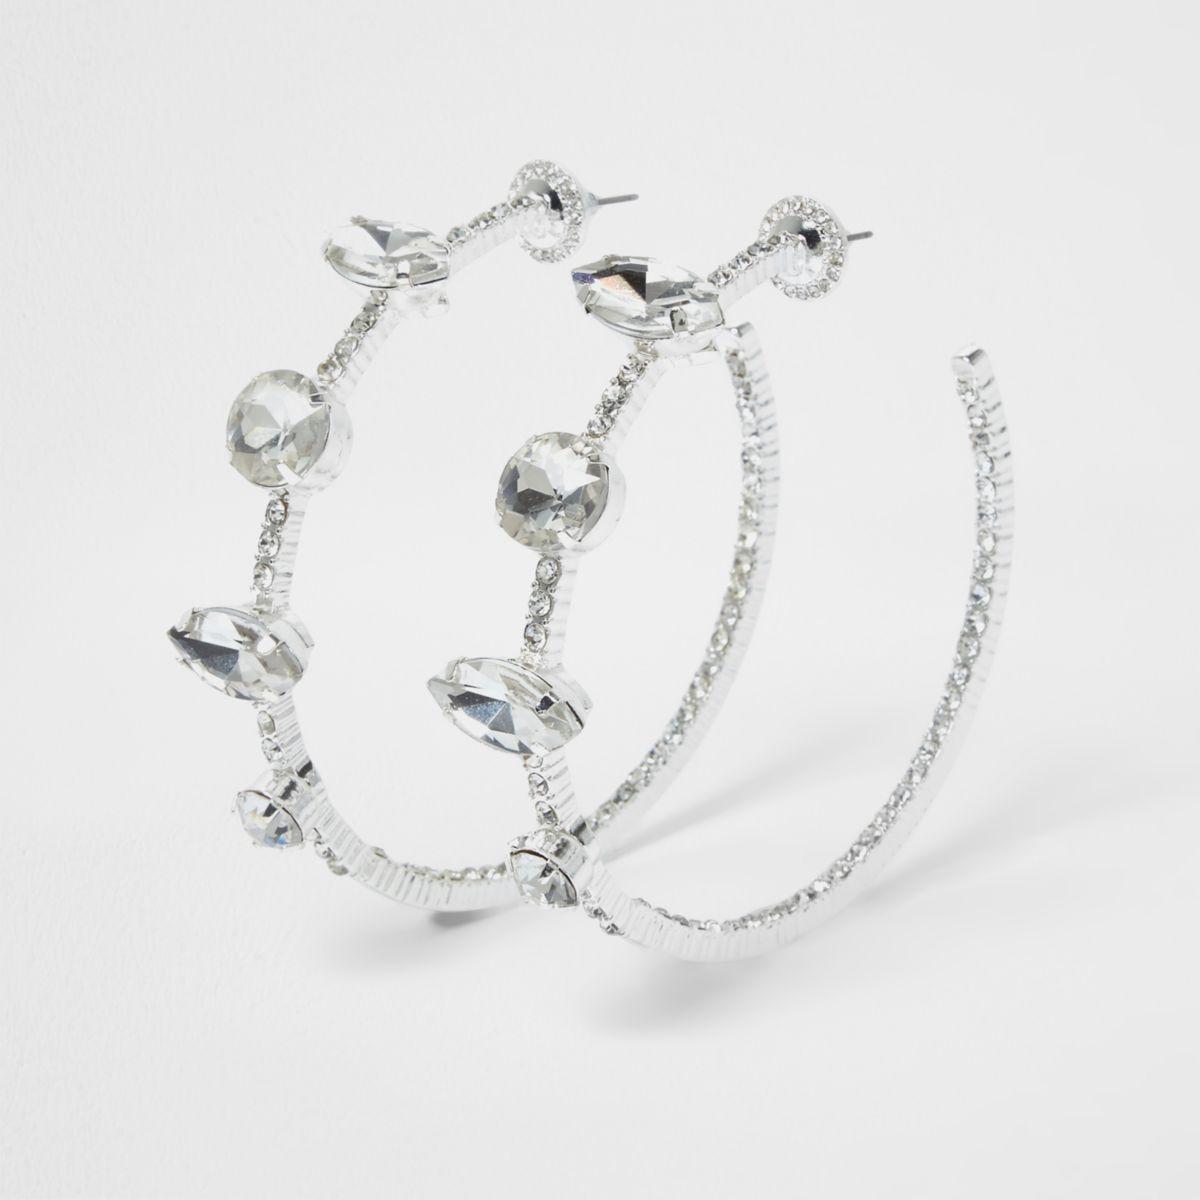 Silver tone diamante jewel hoop earrings